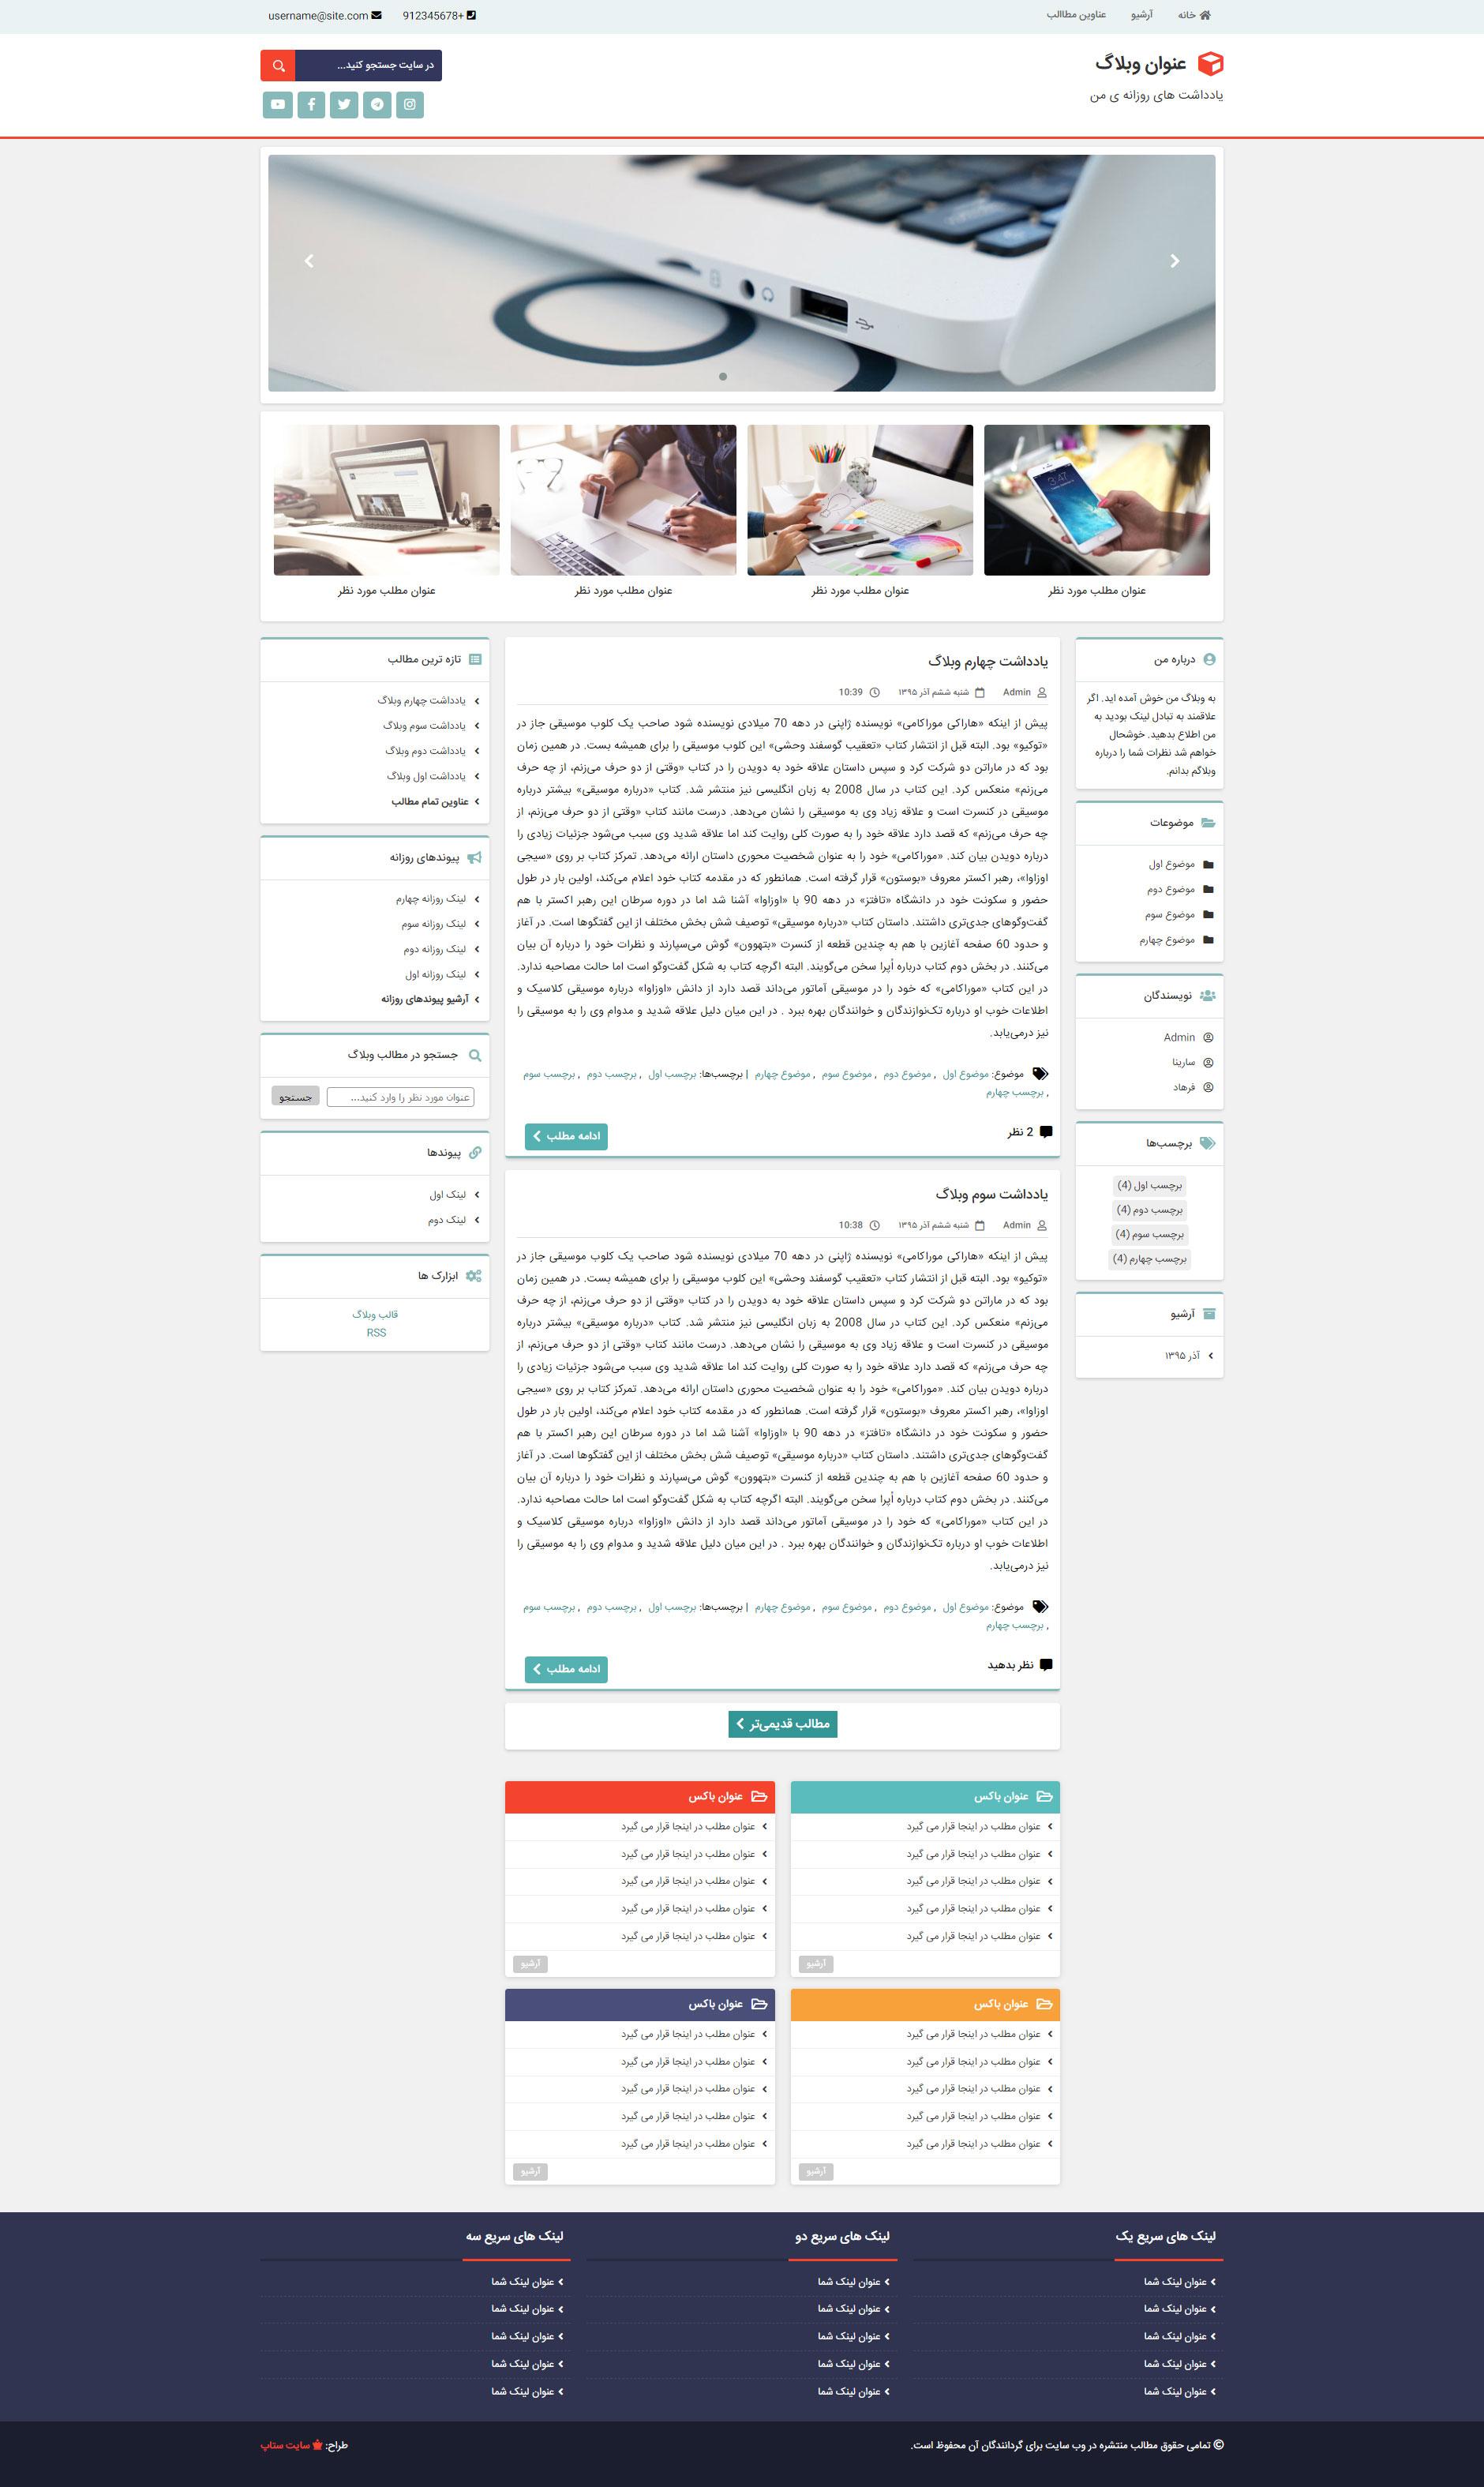 قالب حرفه ای وبلاگ - ریسپانسیو